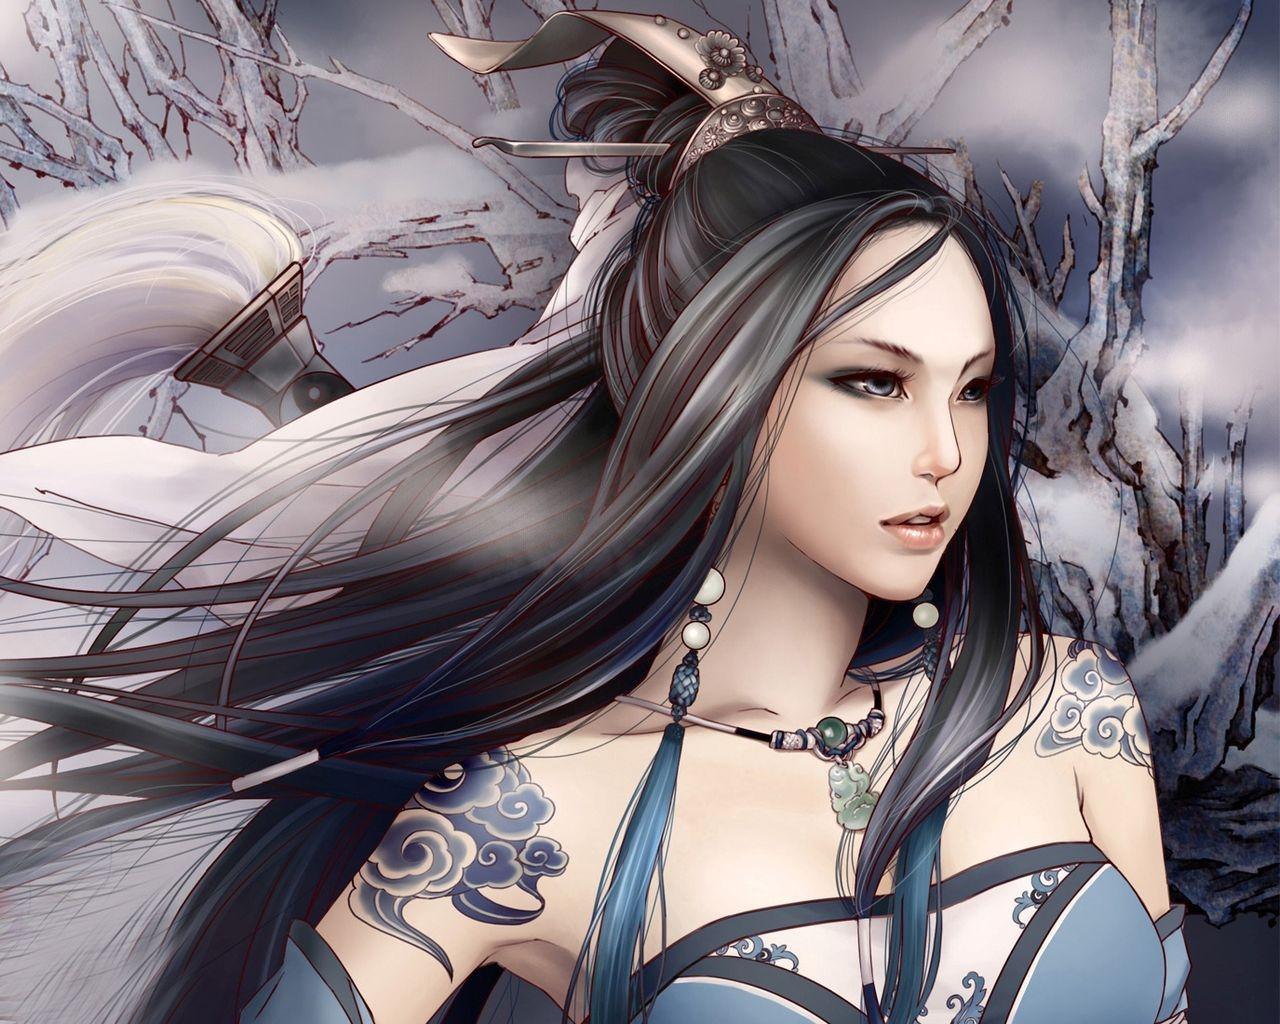 длинные волосы аниме Азиатский снег черные волосы волосы Девушка Татуировки  Обои для рабочего стола компьютера коричневые 25167e6d2ba92